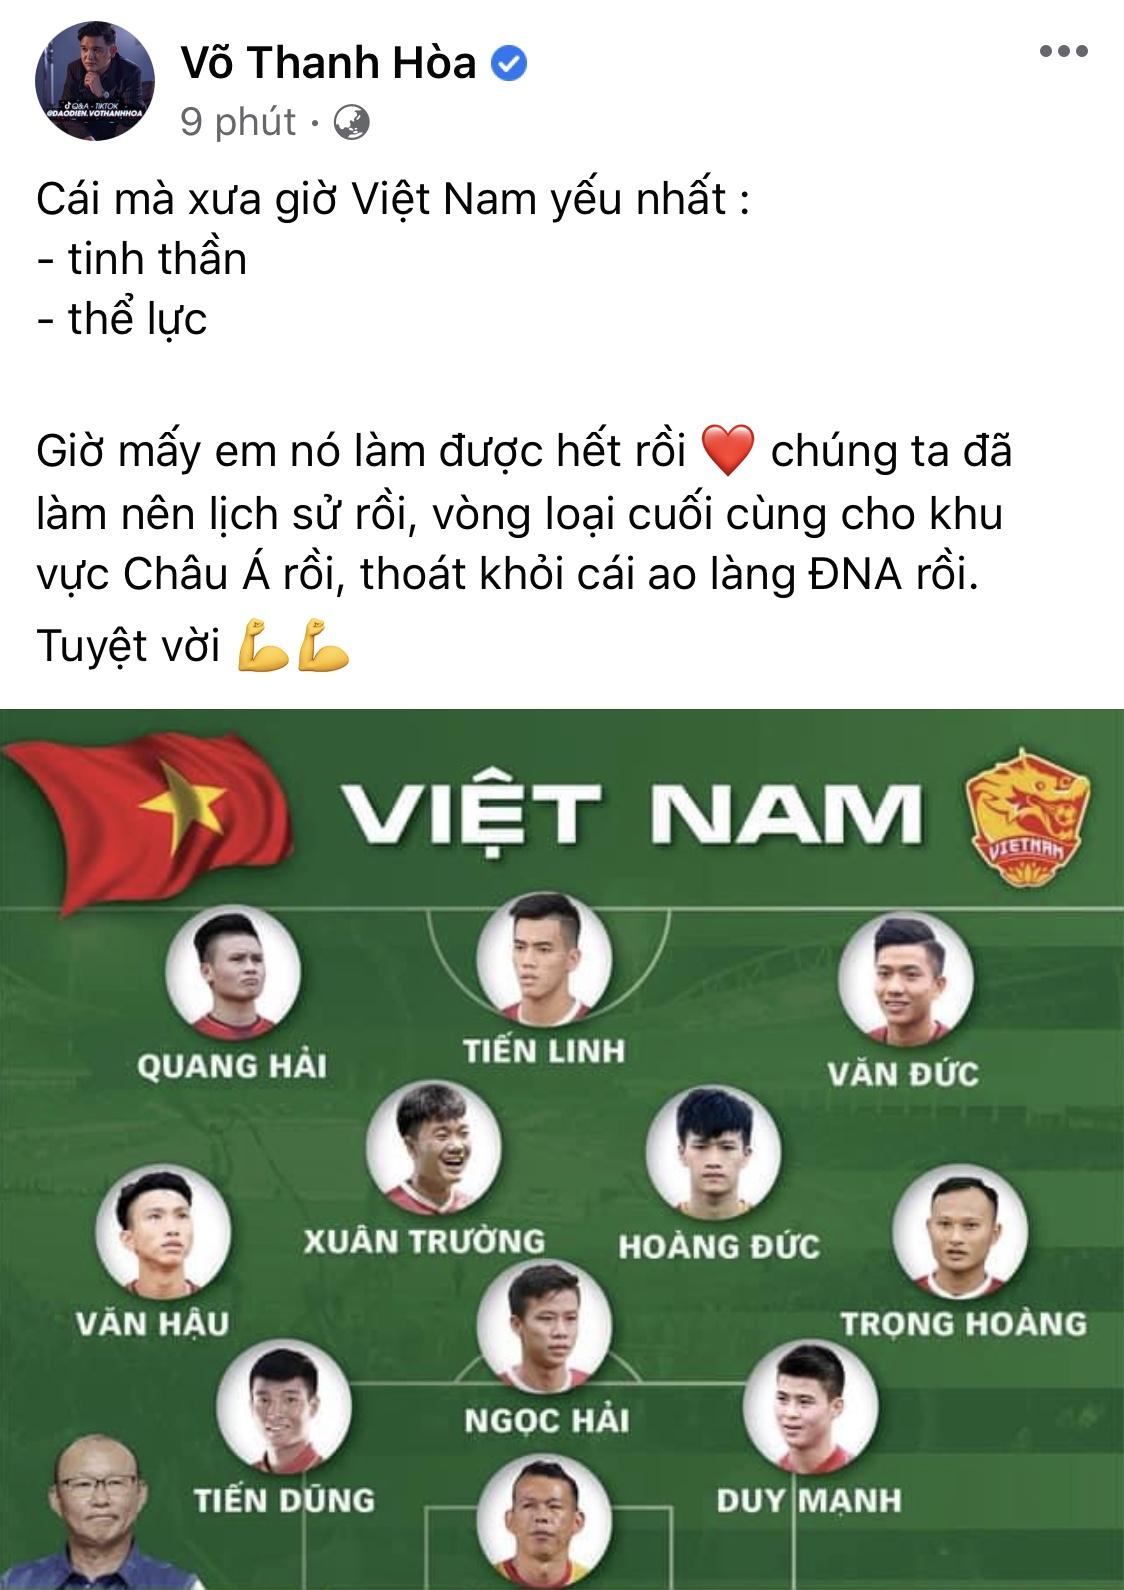 Chia sẻ của đạo diễn Võ Thanh Hoà sau khi trận đấu với UAE kết thúc.